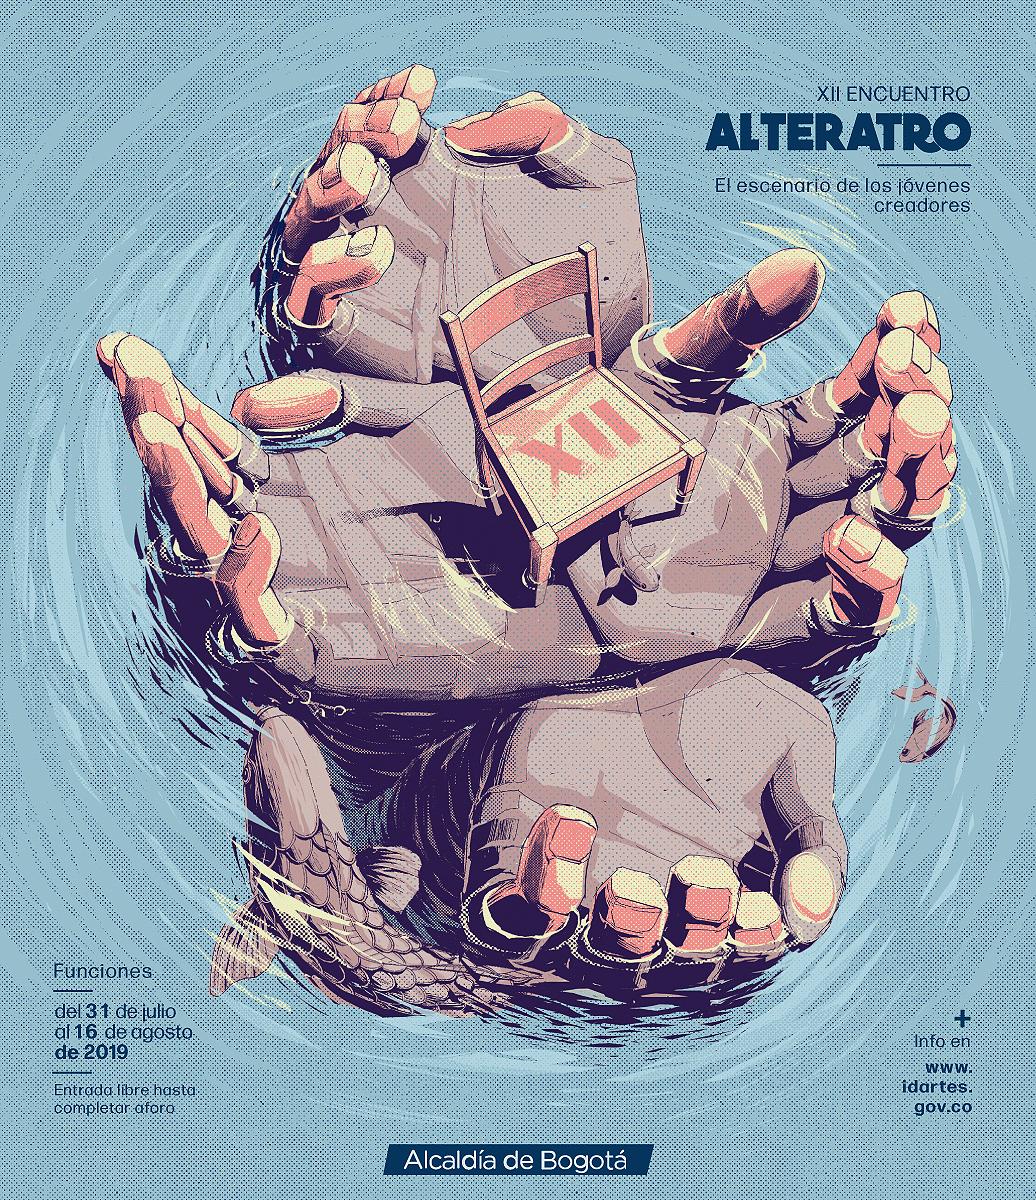 """""""Degradé"""". Festival alteratro (2019)"""